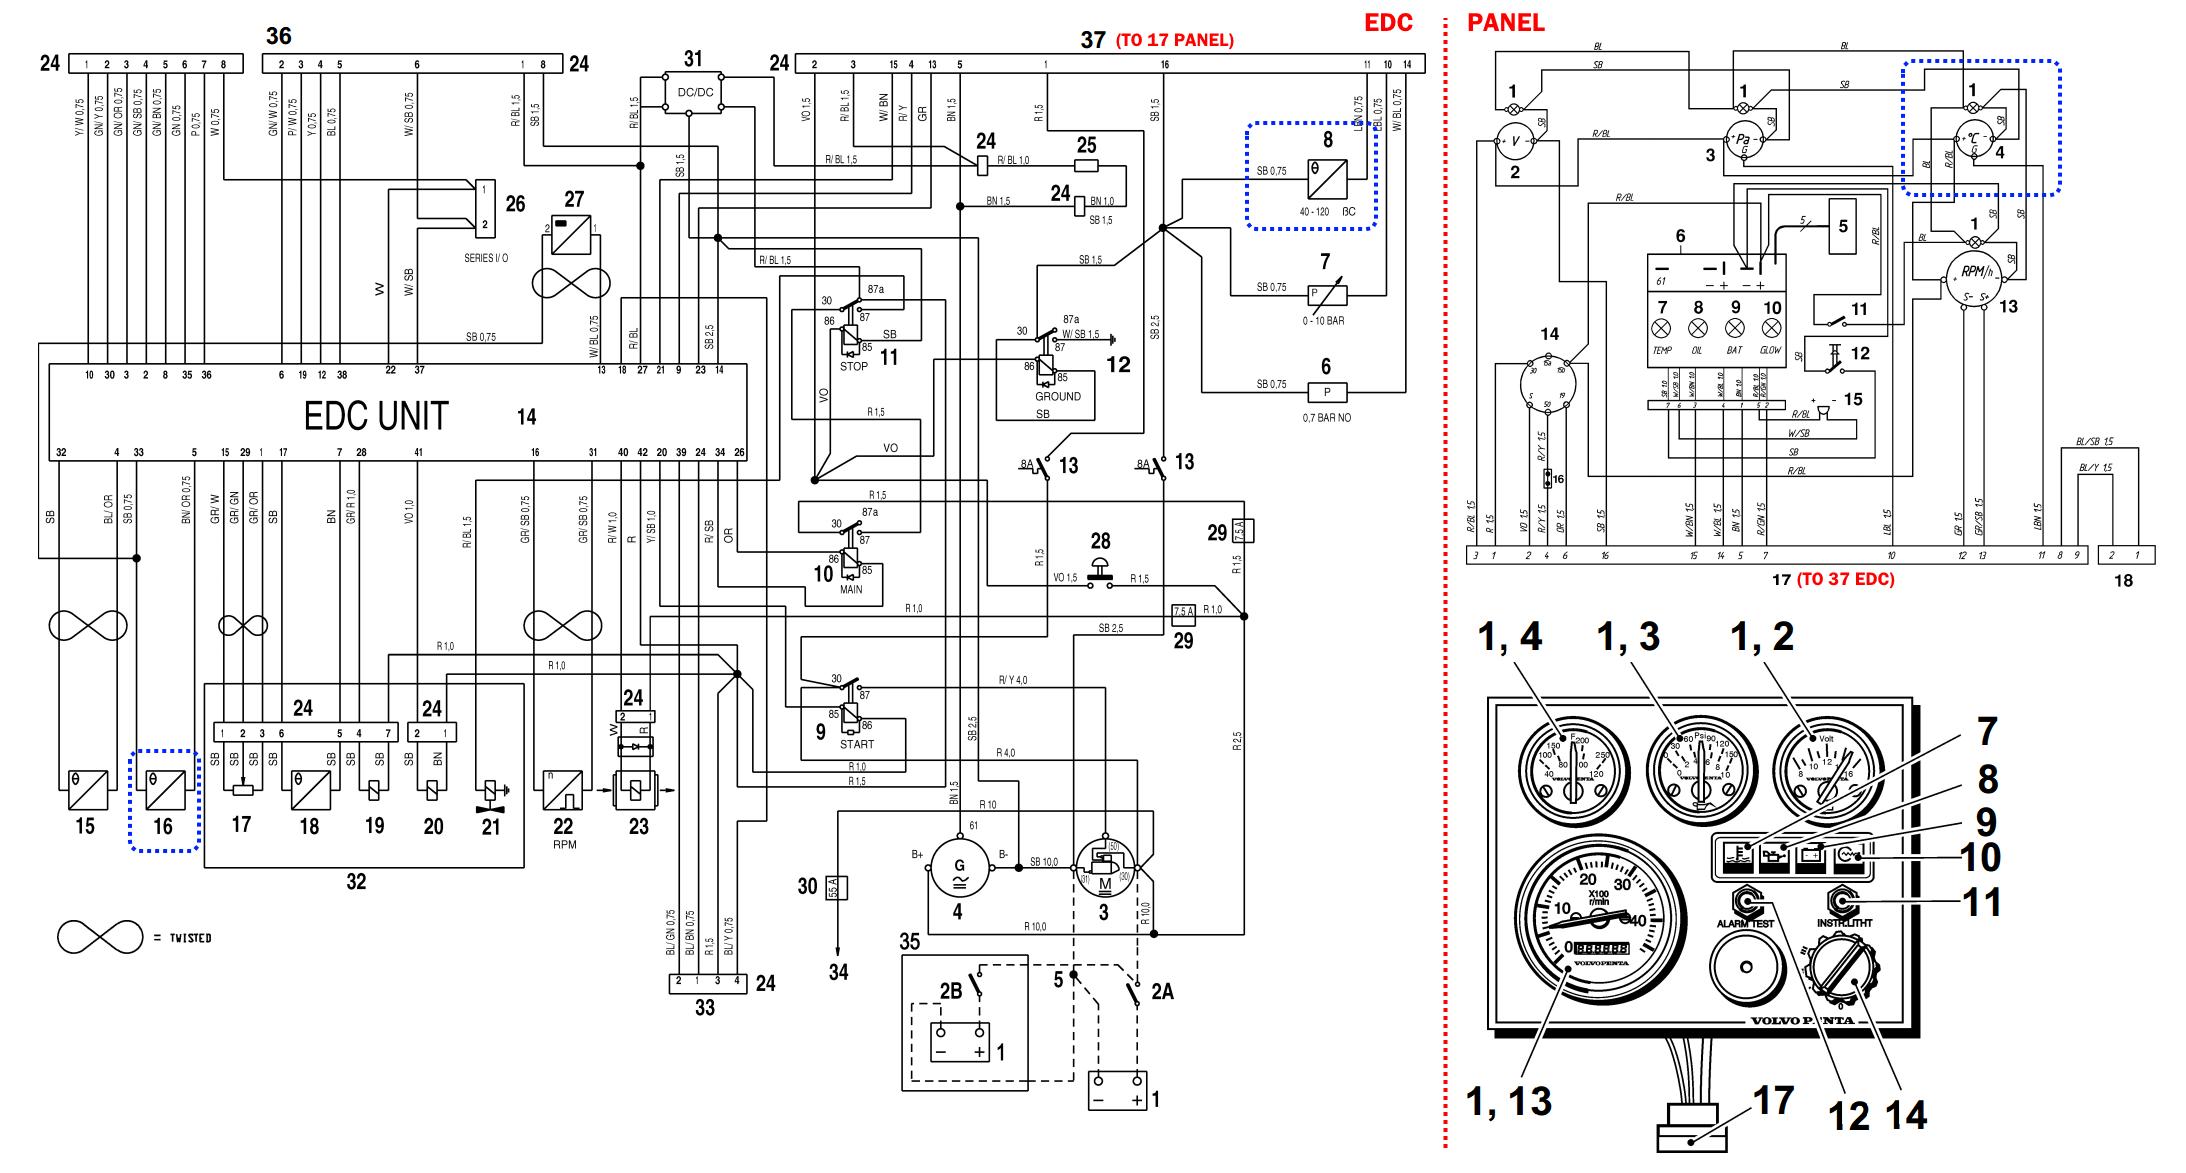 volvo engine wiring diagram | wiring schematic |  boards-active.pesarocoupon.it  wiring schematic